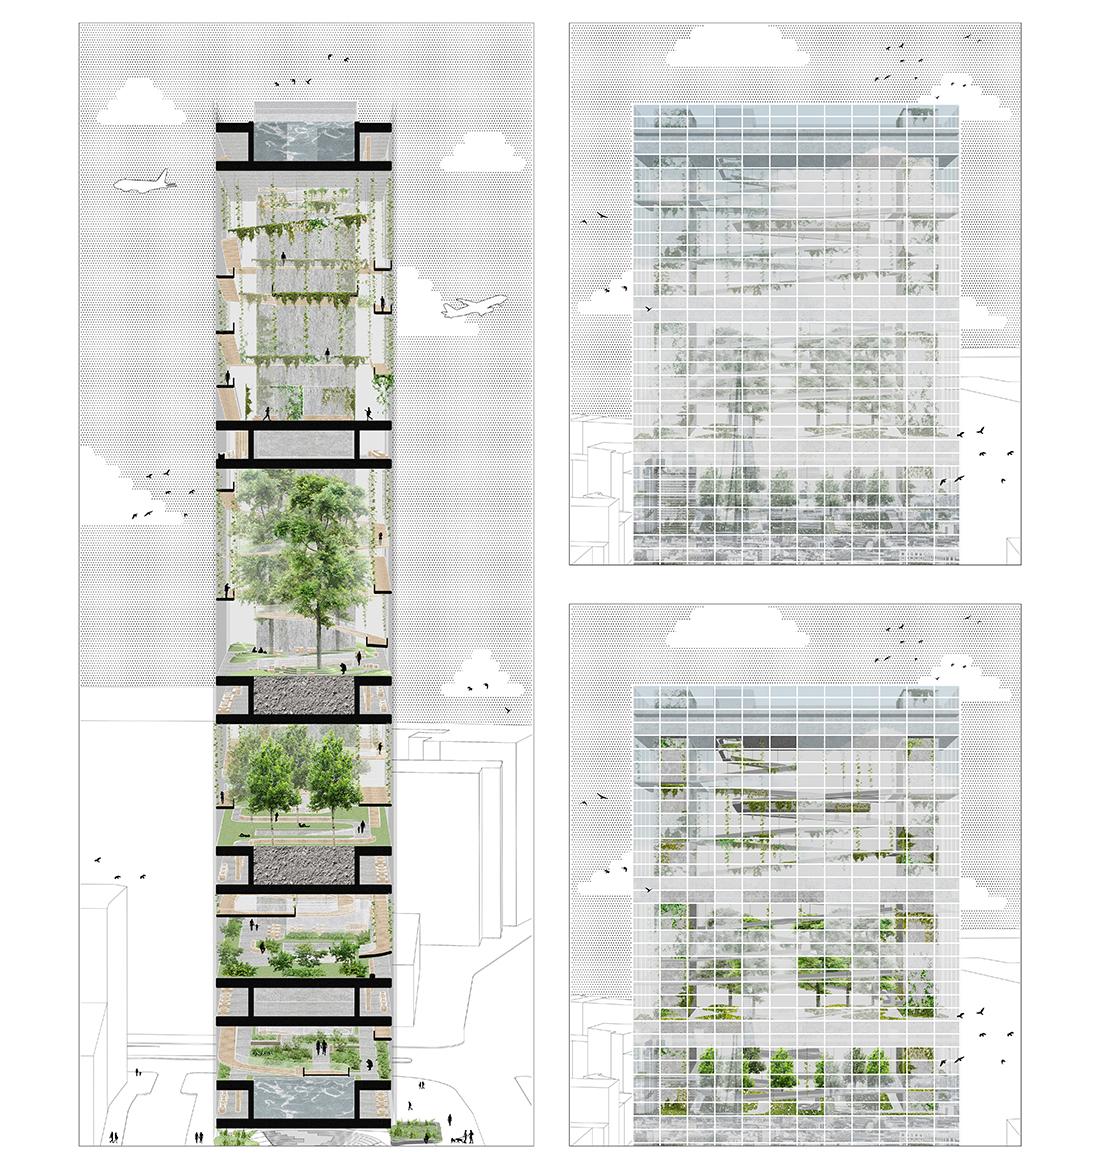 Nominacja: arch. SABRINA TKACZUK. Tytuł pracy: Parkowiec. Projekt koncepcyjny wielowarstwowej struktury parkowej w zagęszczającej się tkance miejskiej